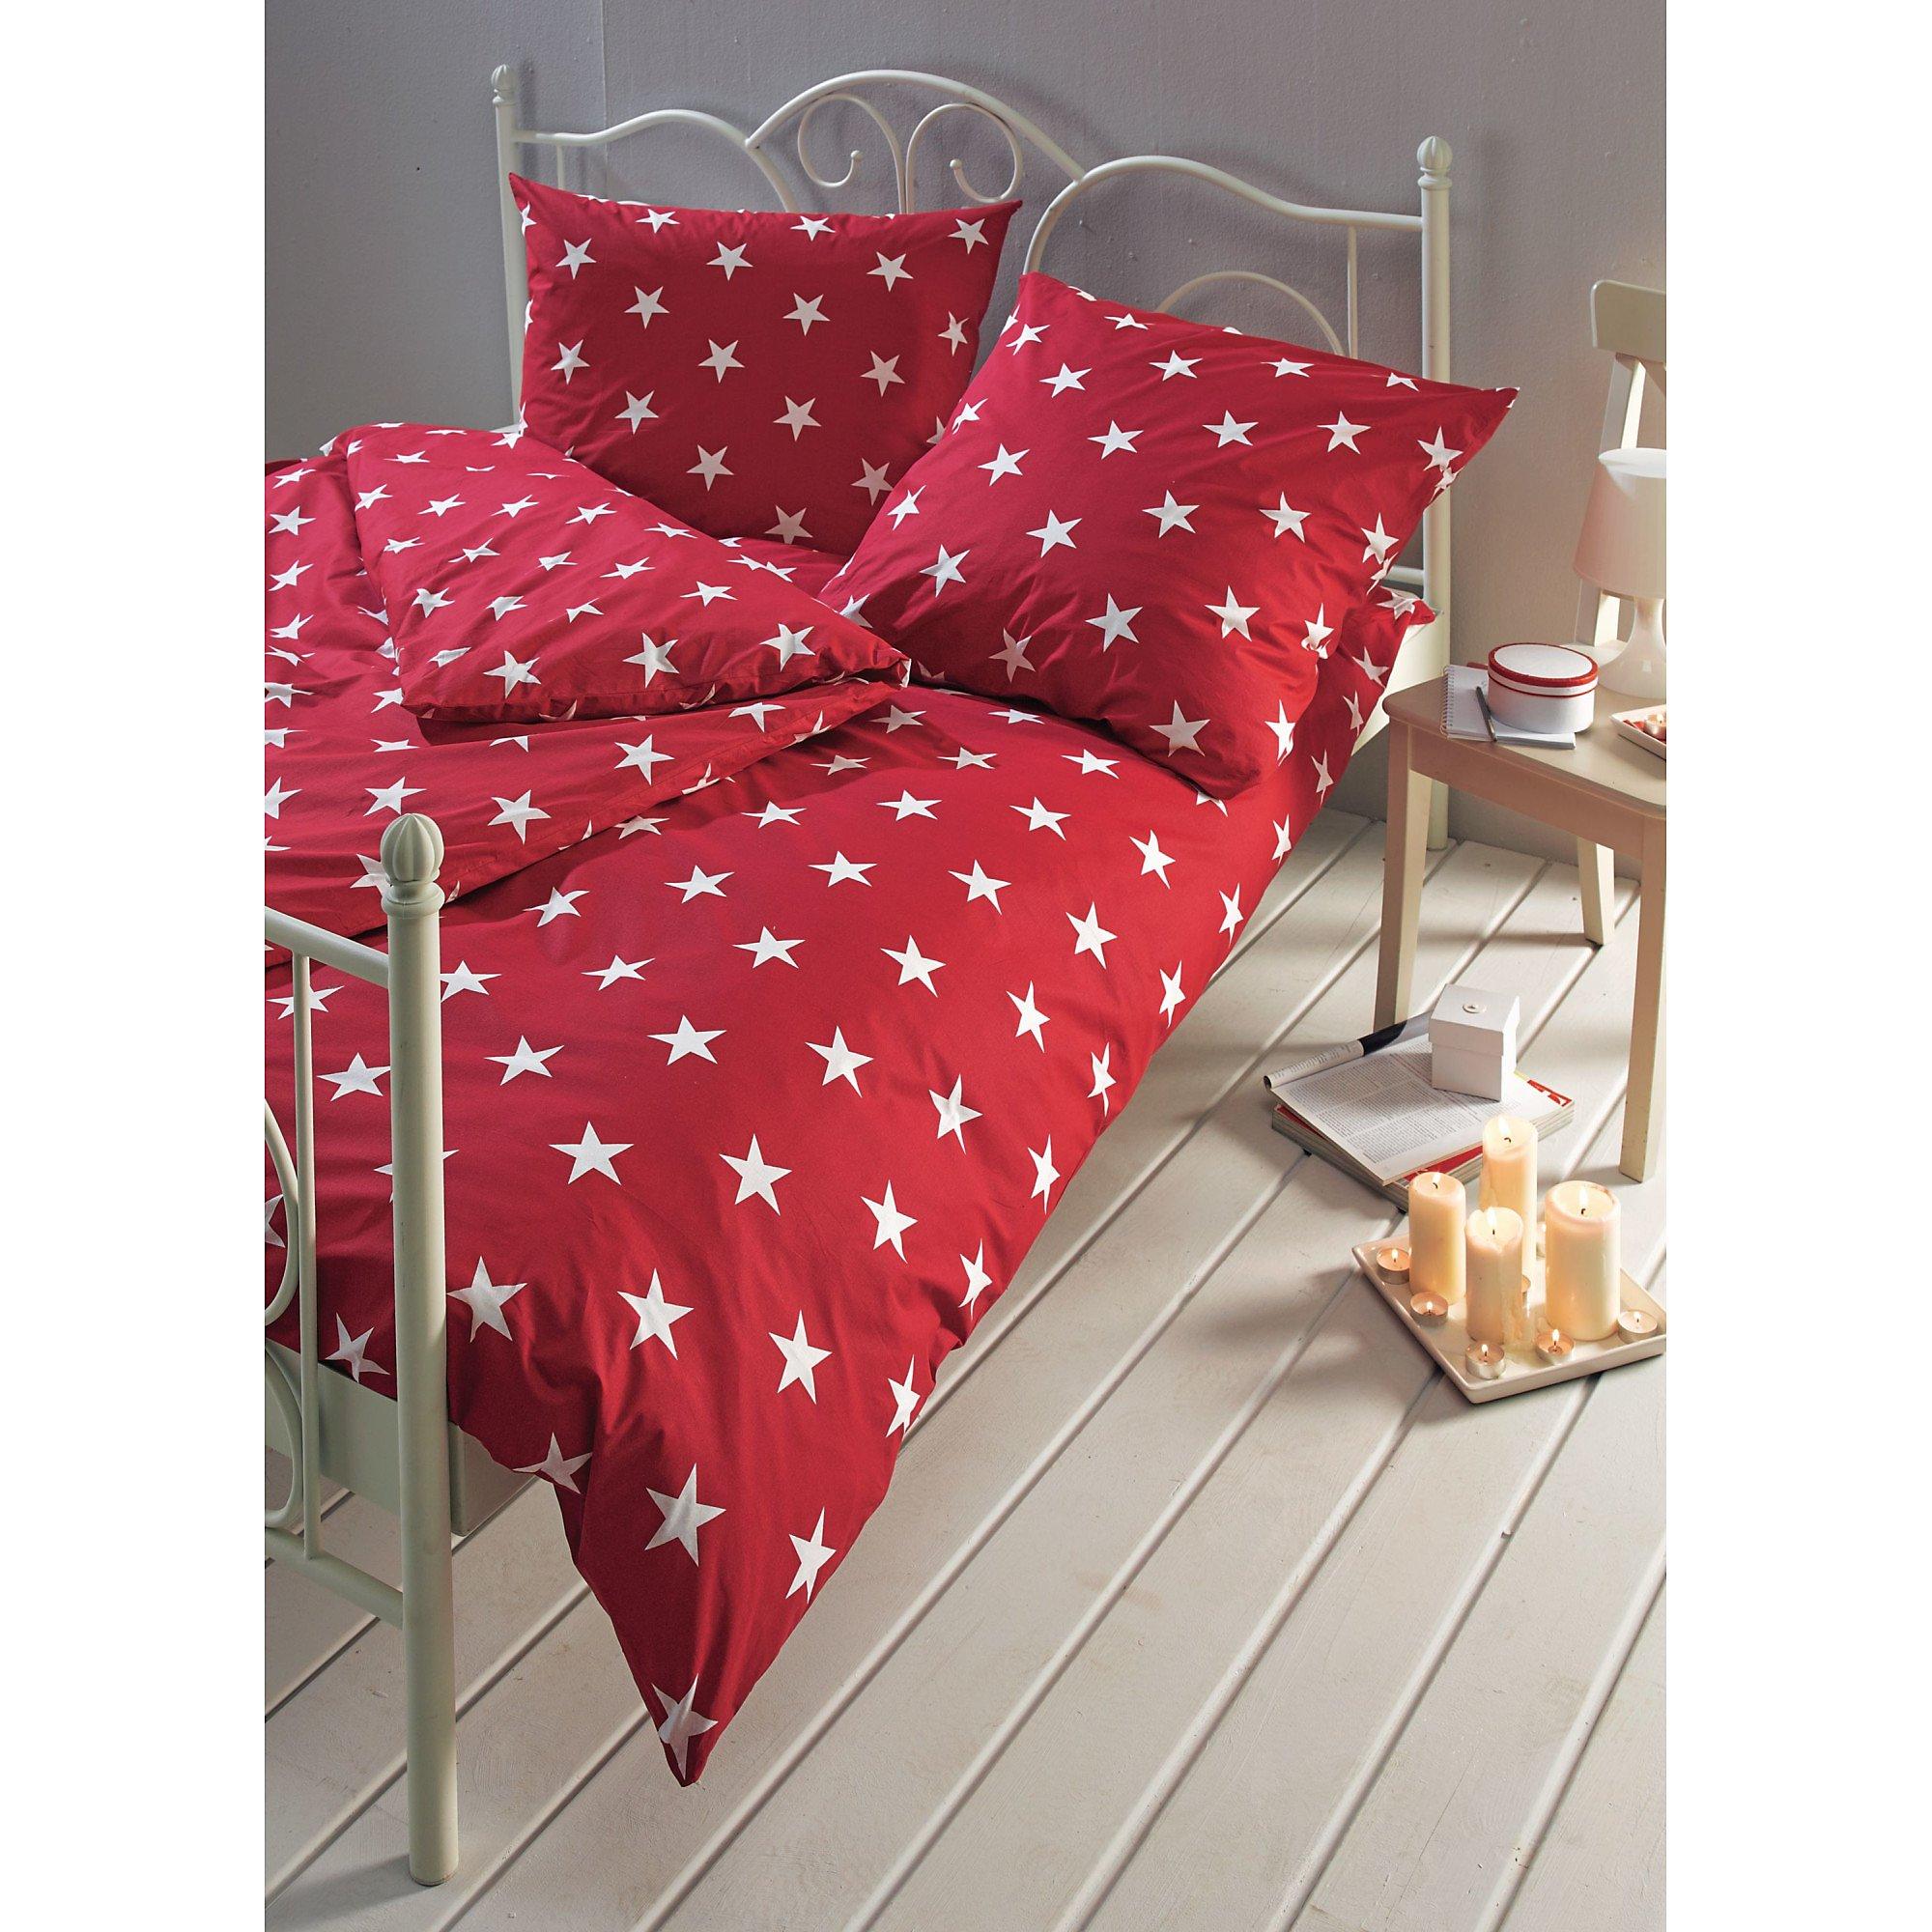 Bettwäsche Sterne Rot 155x220 Jetzt Bei Weltbildde Bestellen